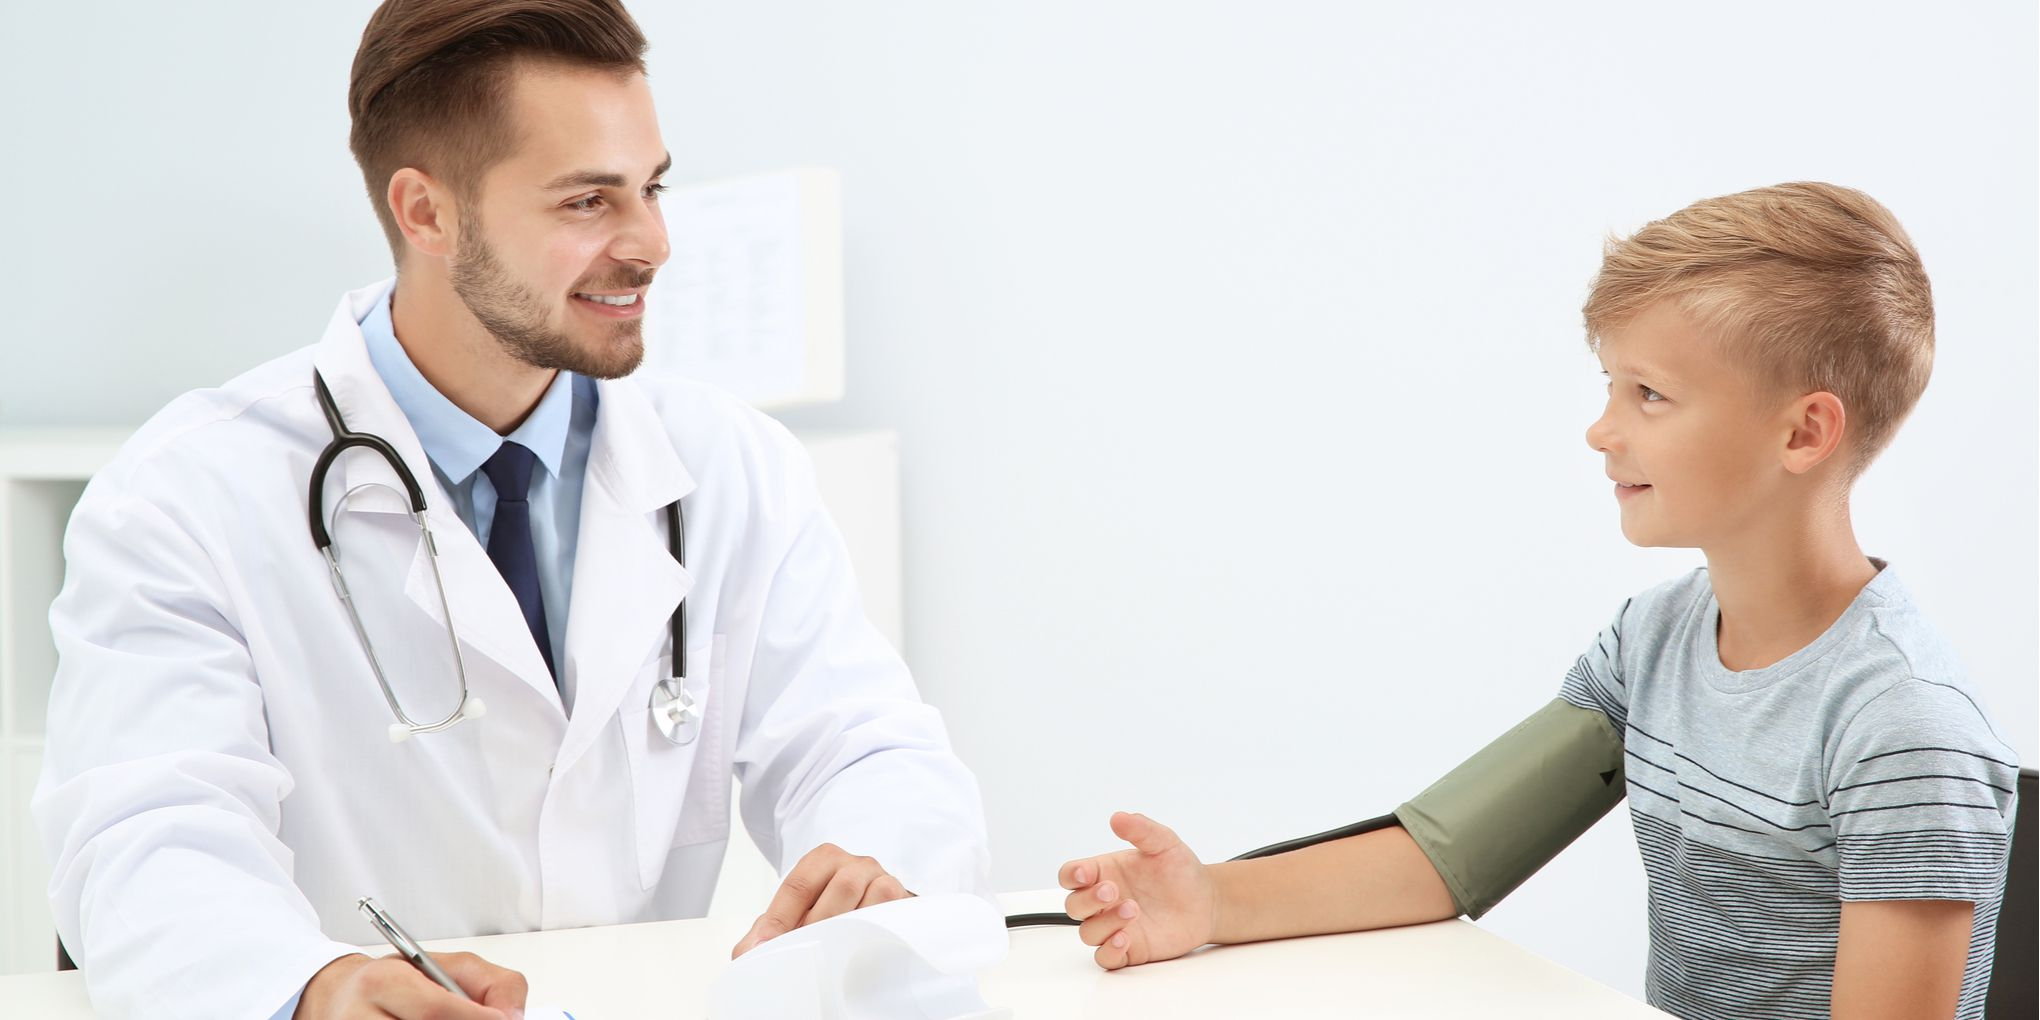 hipertenzija, žučni mjehur u djece kontraindikacije za hipertenziju stupanj 1